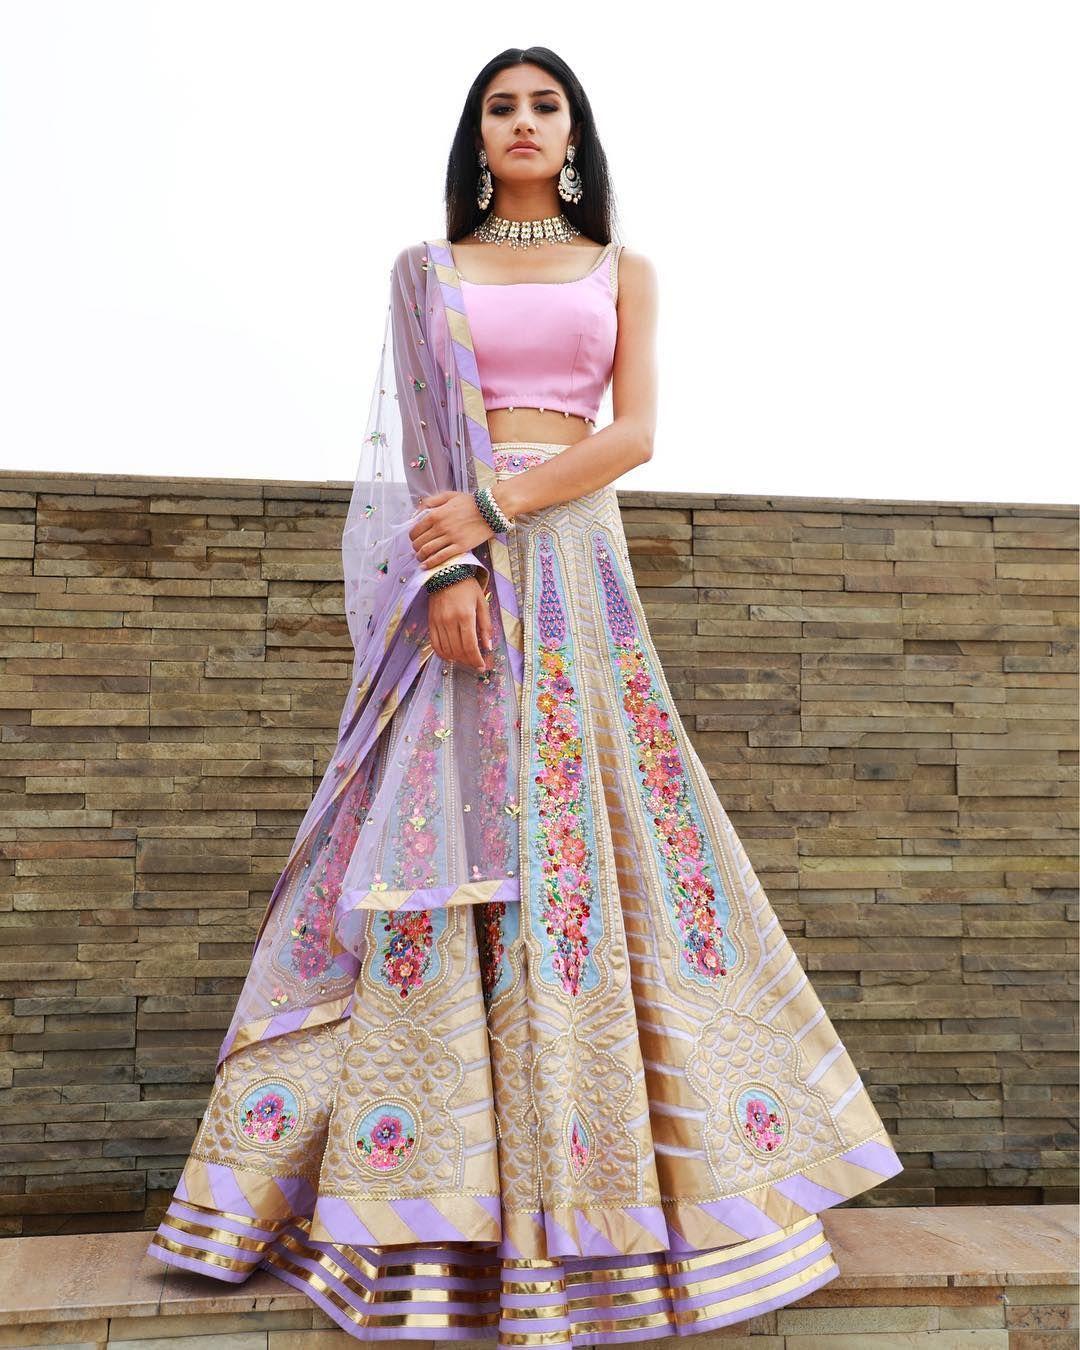 Pin by uma on udesiu fashion pinterest india desi and guy